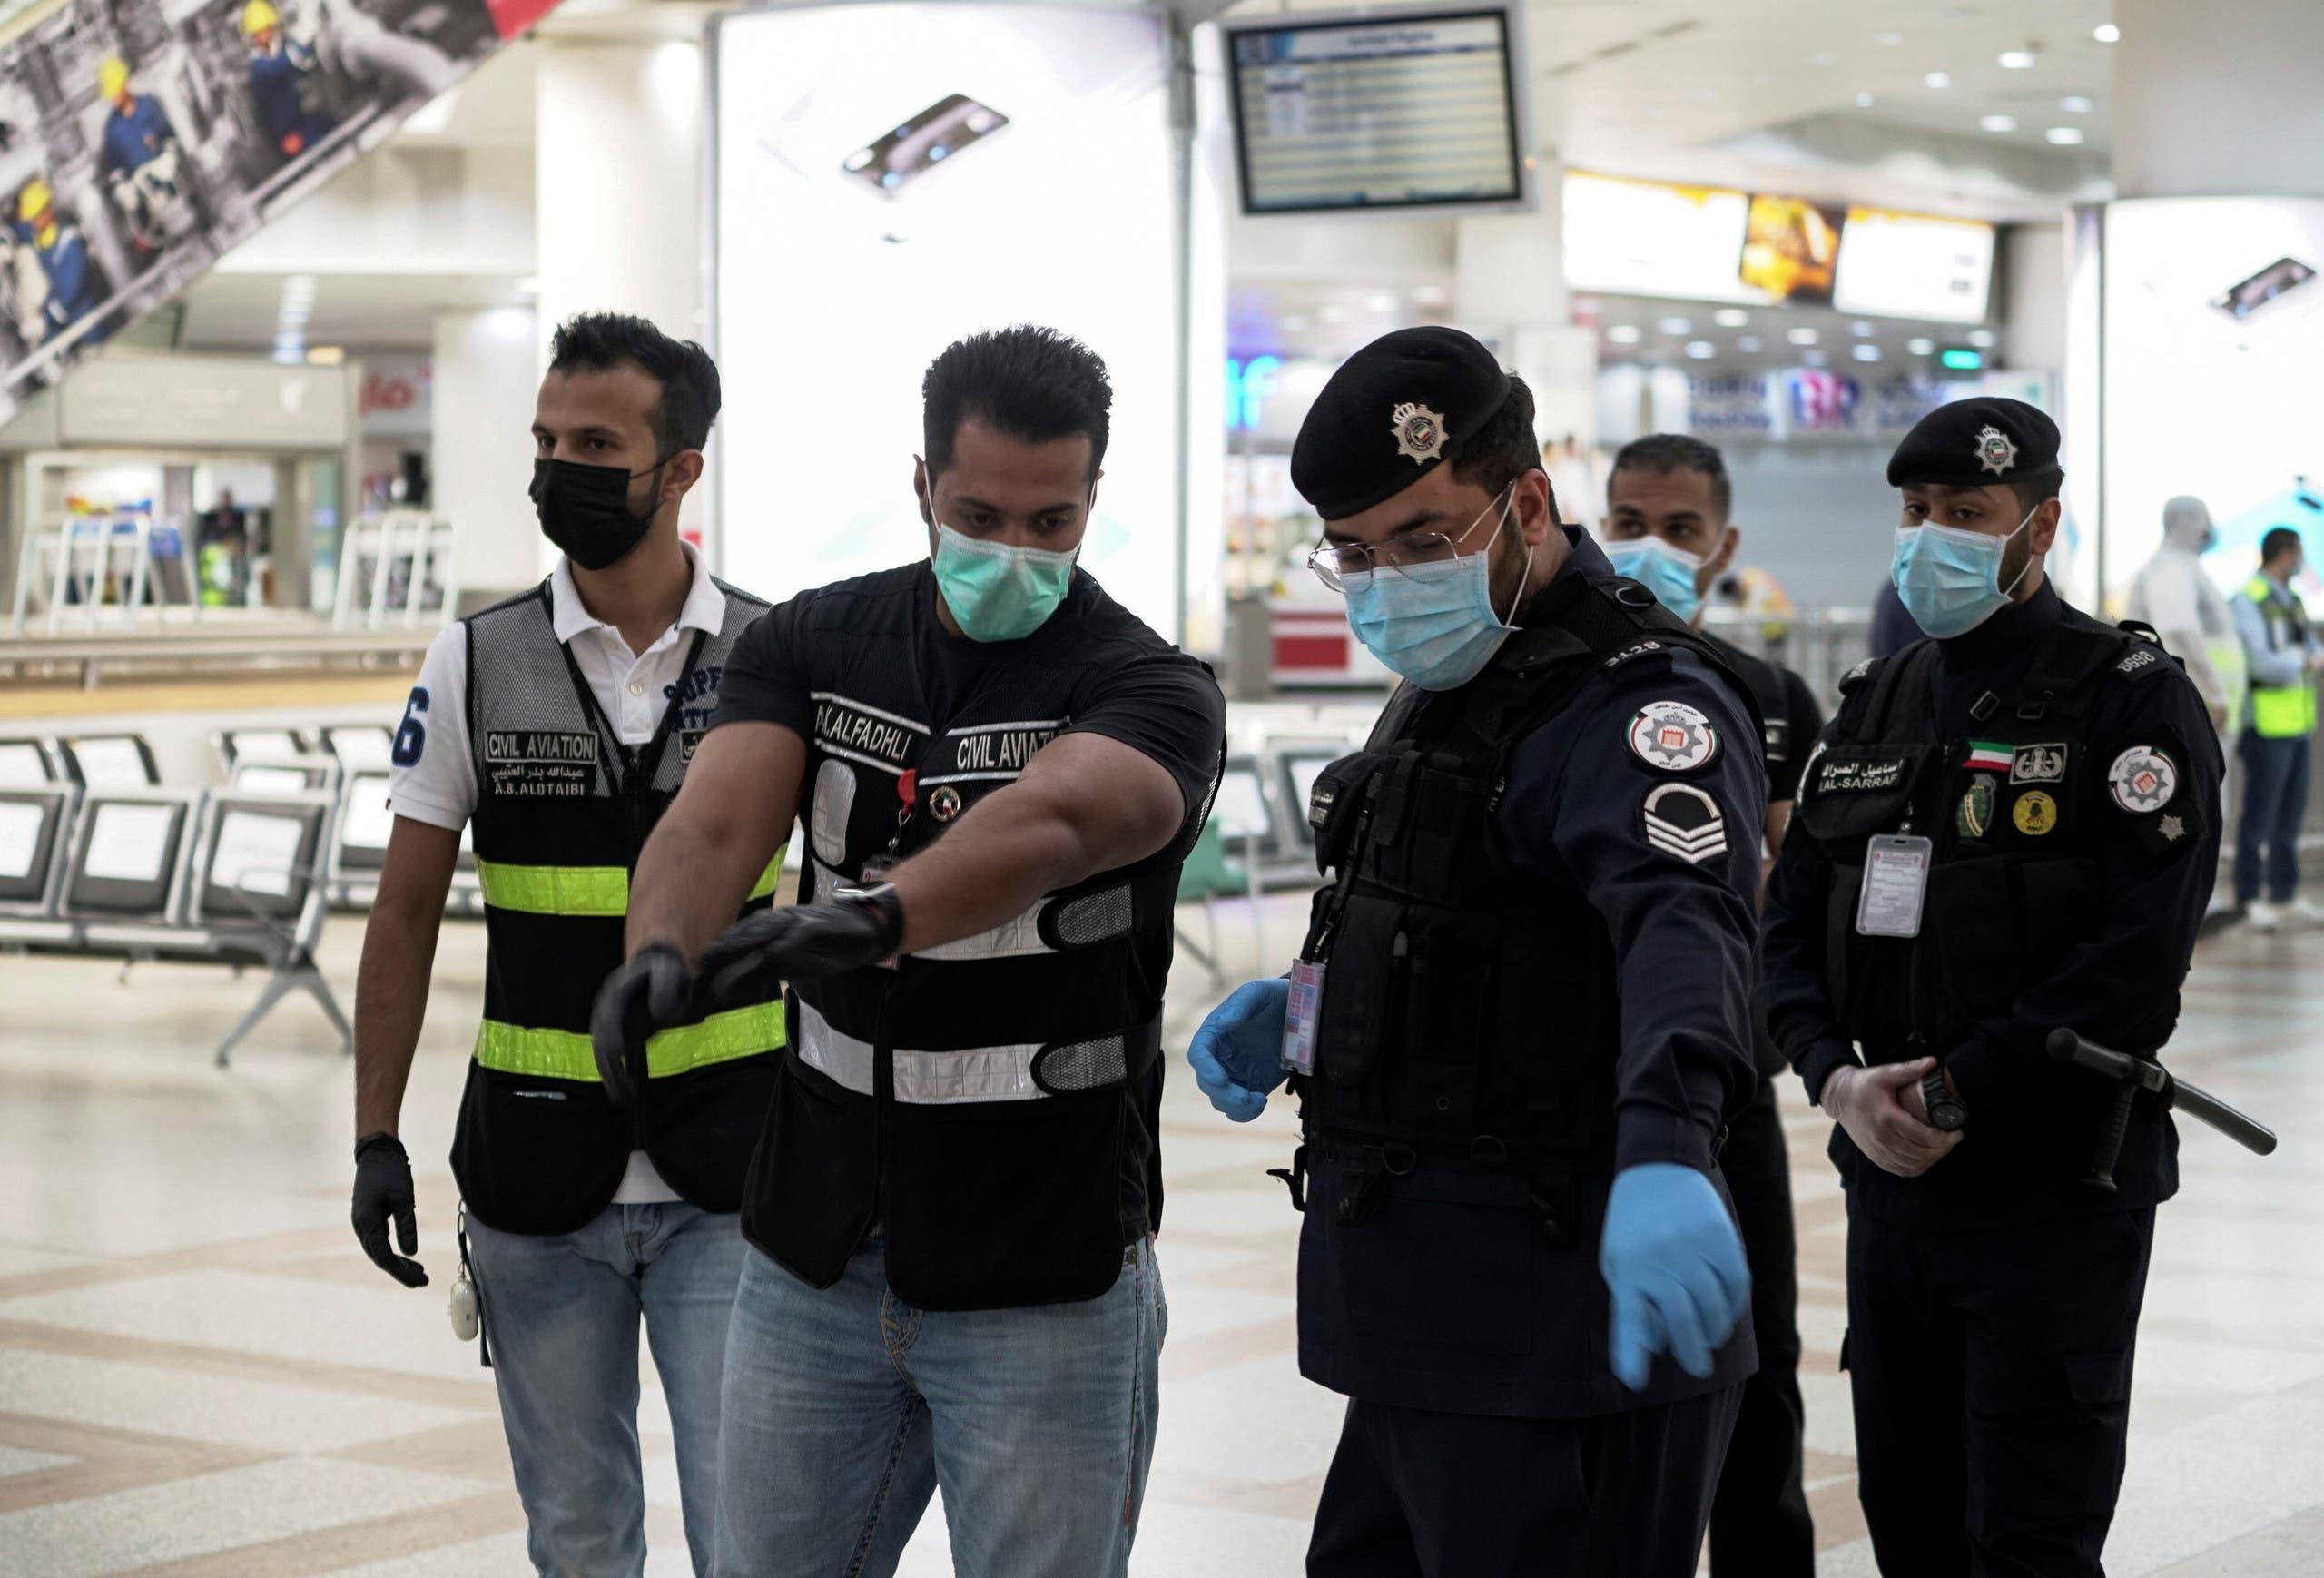 شرطيون وعاملون في مطار الكويت يستعدون لوصول طائرة ركاب تقل كويتيين تم إجلاؤهم من الخارج